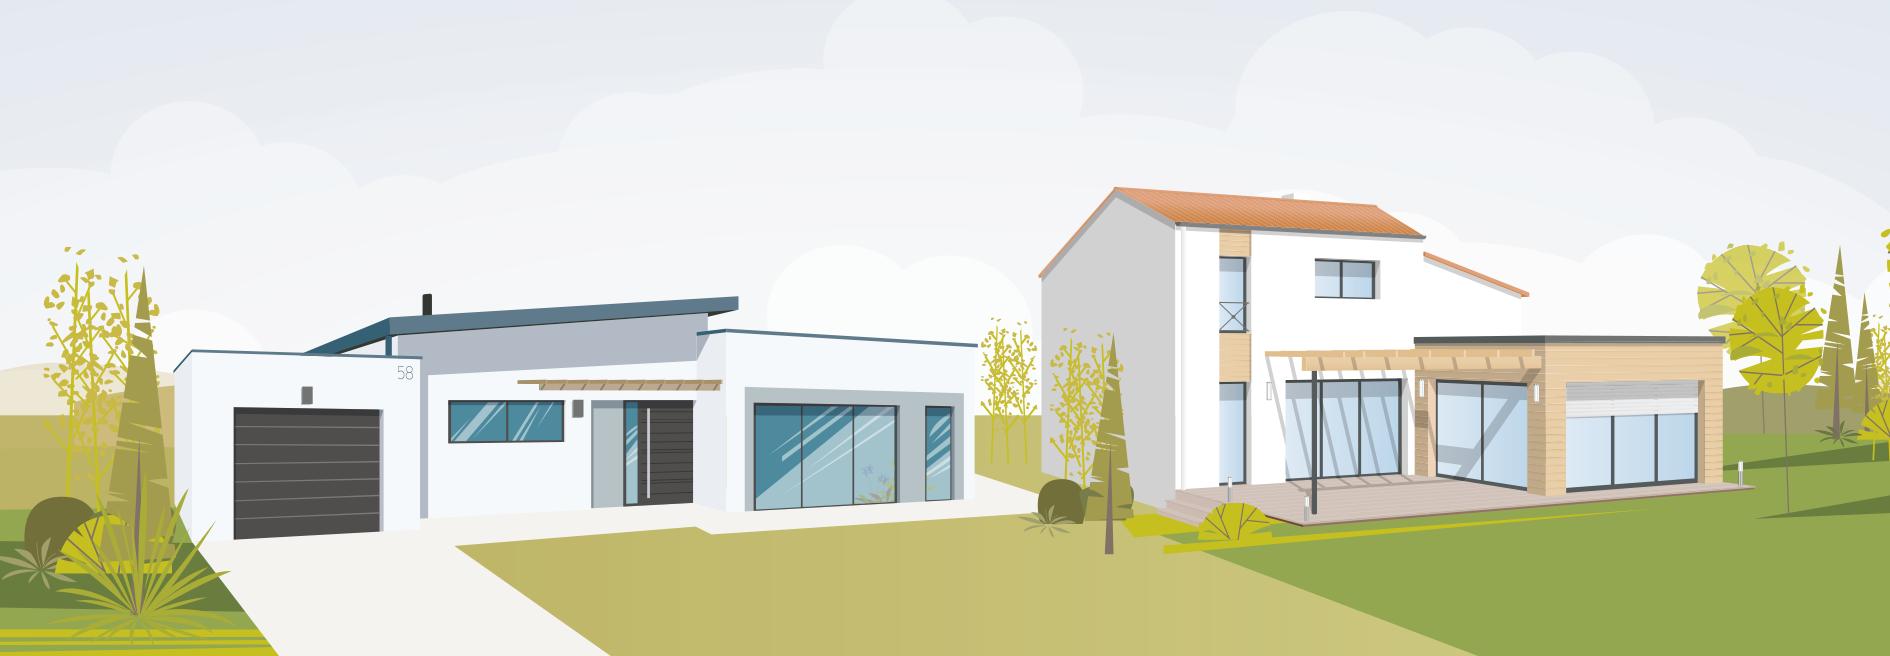 Bauelemente Lücking · Markisen, Terrassentüren, Fenster, Türen, Haustüren · Leistungen